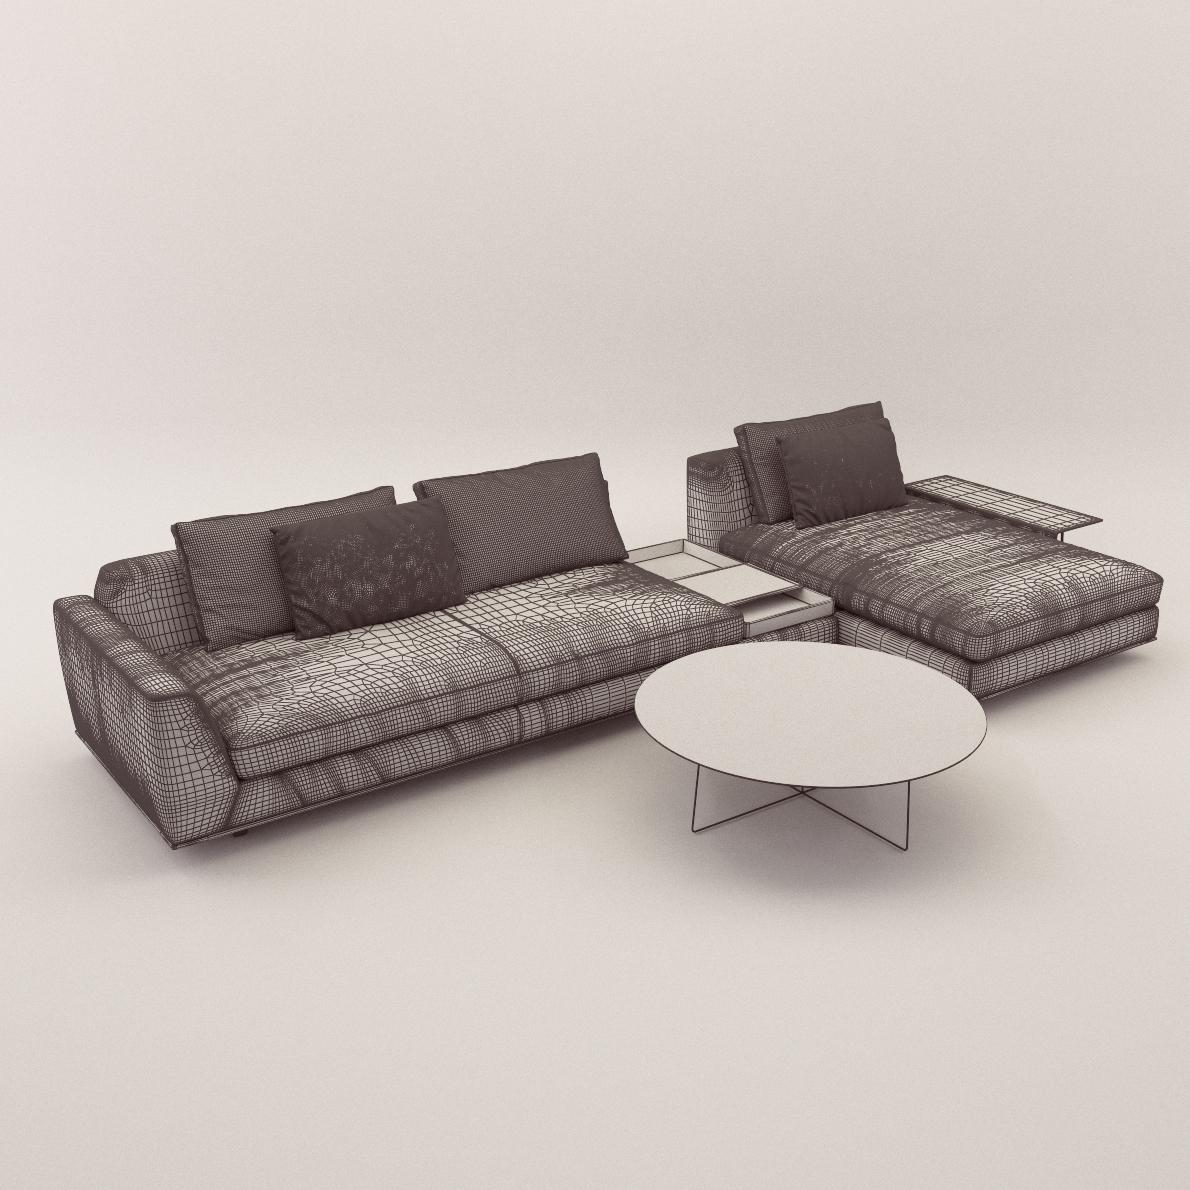 Sofa tama living version c 3d realistic model artium3d for Divan furniture models